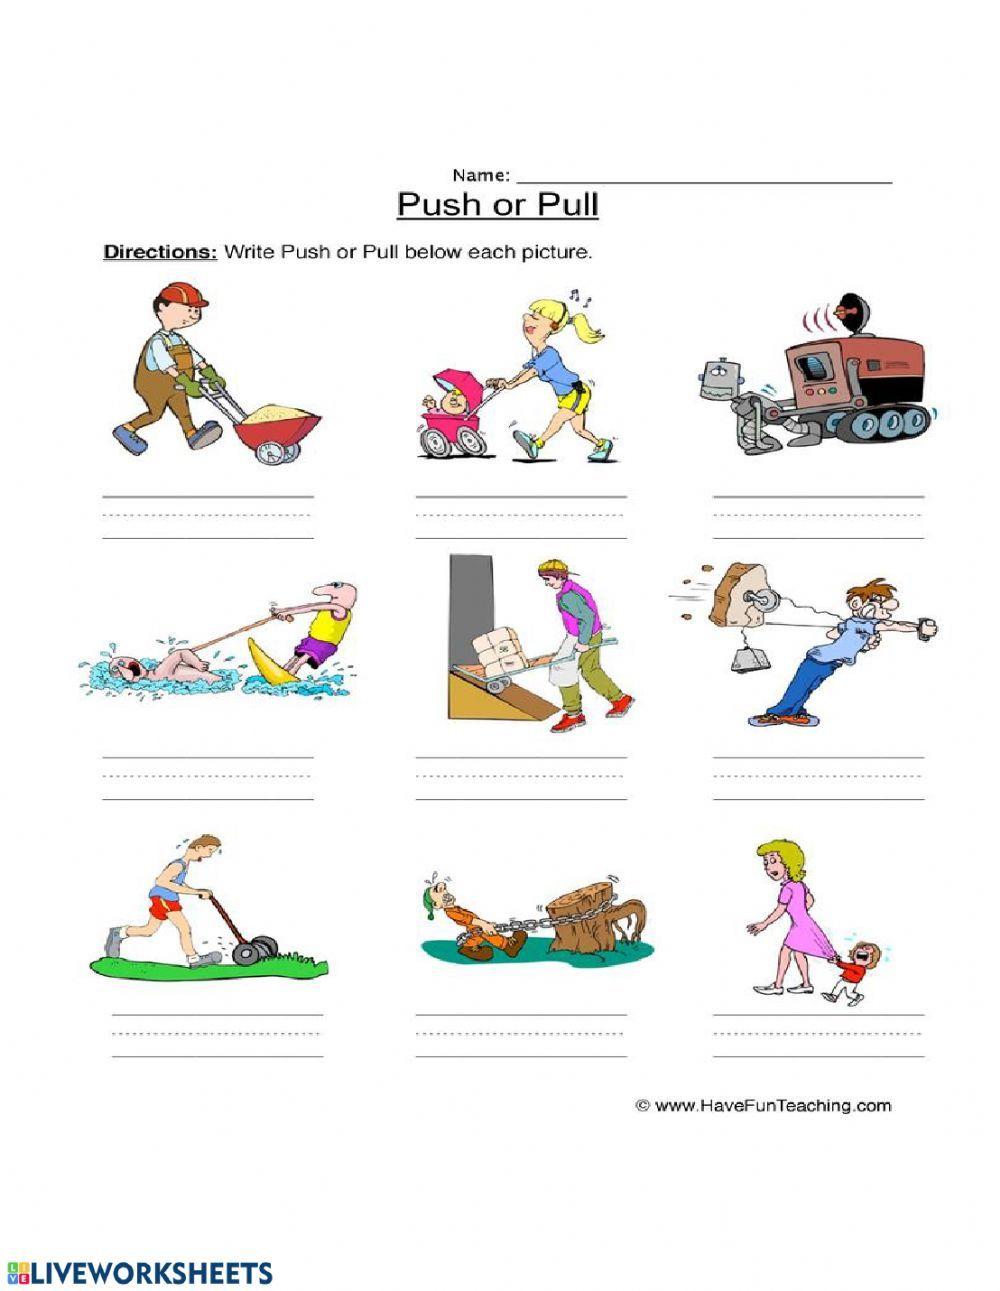 Forces Push And Pull Ficha Interactiva Fuerza Y Movimiento Fichas De Preescolar Actividades Educacion Fisica [ 1291 x 1000 Pixel ]